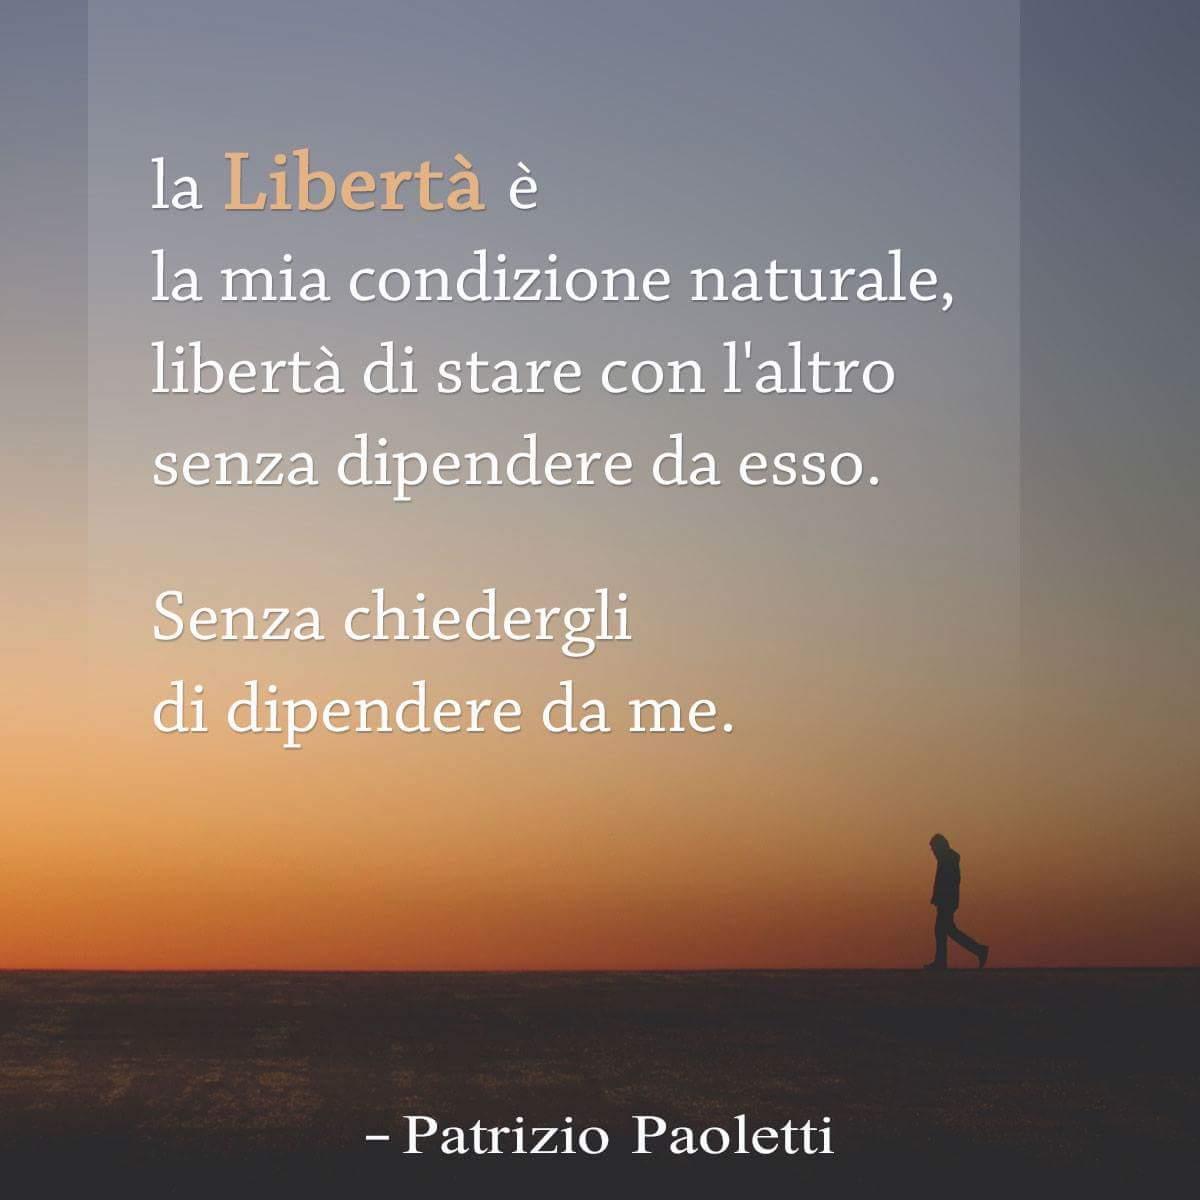 La libertà è la mia condizione naturale, libertà di stare con l'altro senza dipendere da esso. Senza chiedergli di dipendere da me